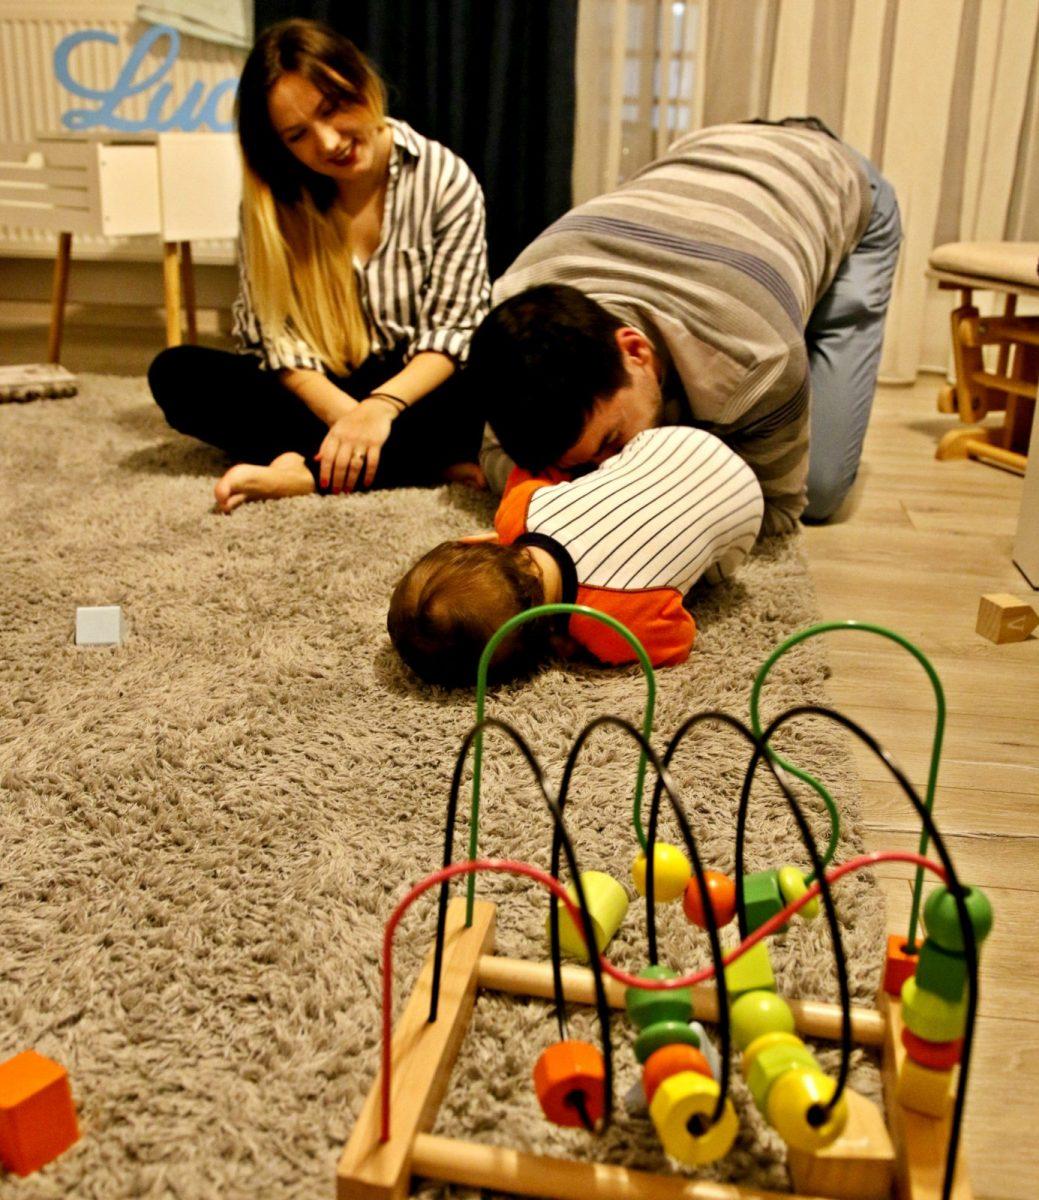 Părinţii sunt jucăria preferată a copiilor. Să nu le-o luăm din mâini